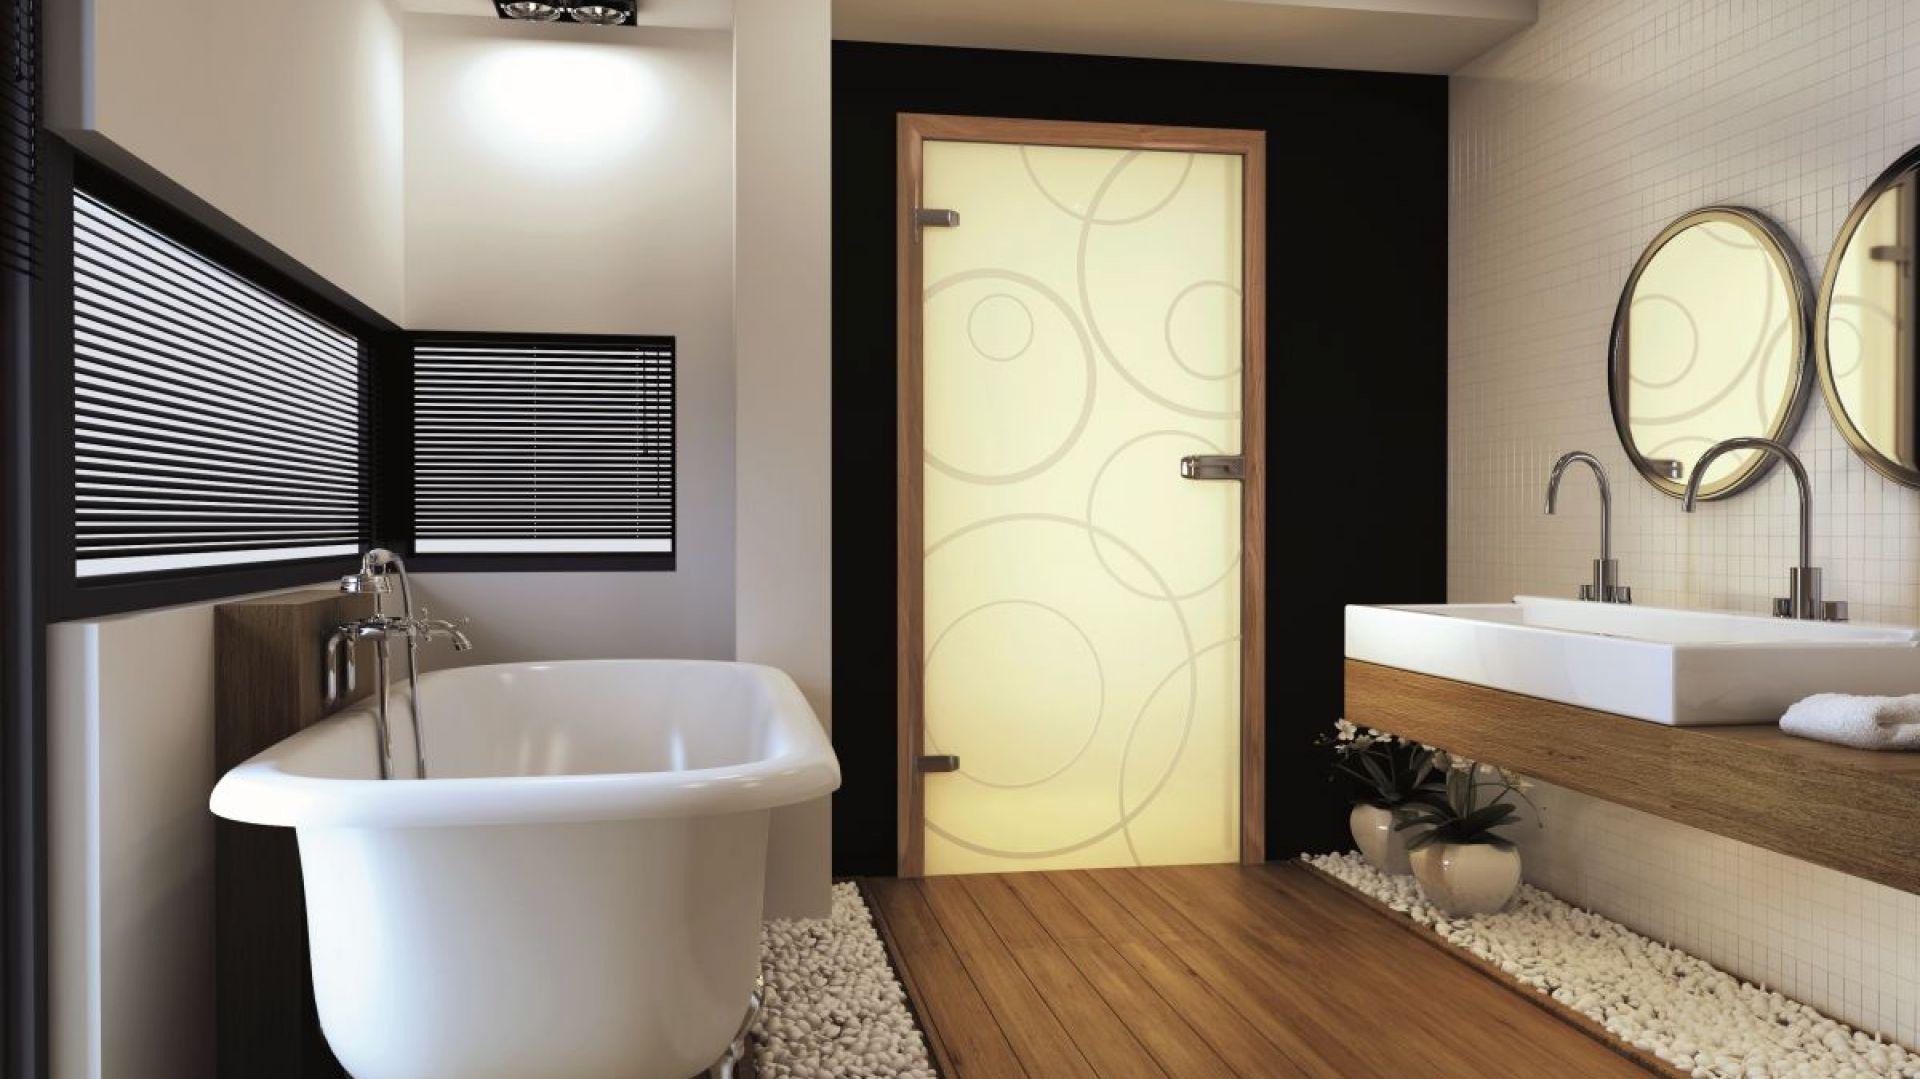 Drzwi łazienkowe z kolekcji Amber. Fot. Invado